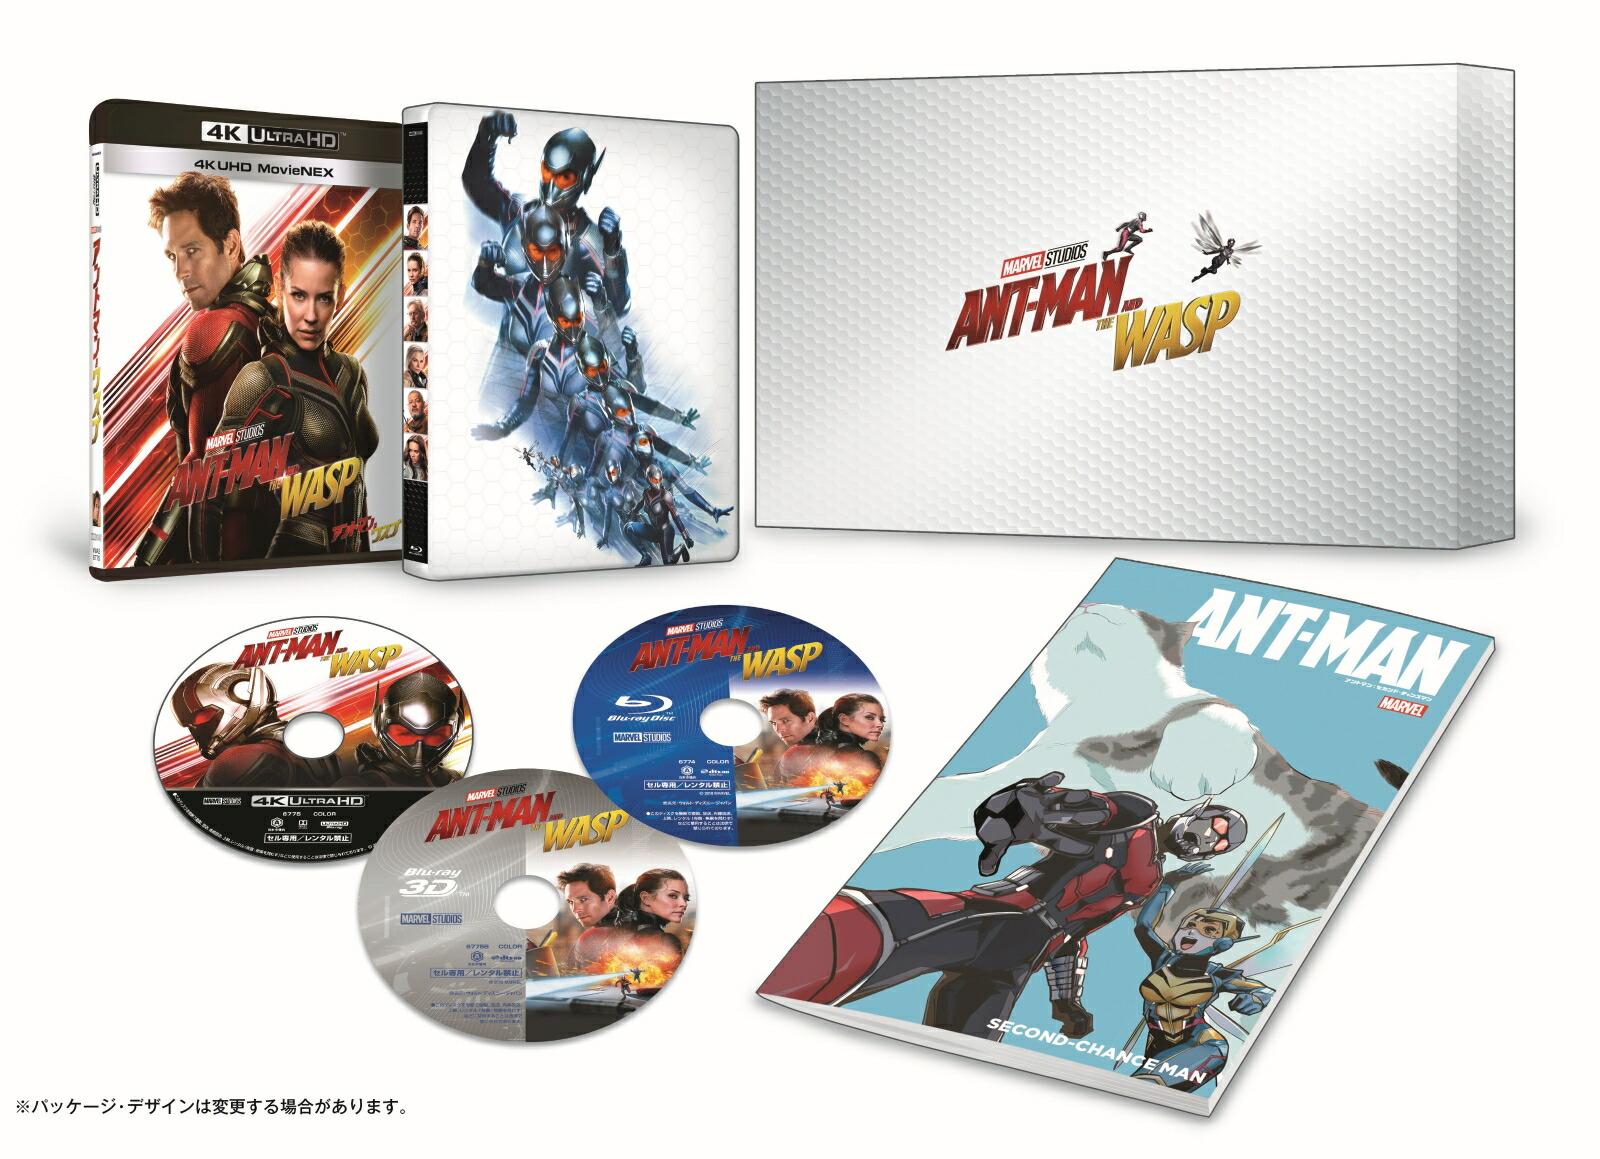 アントマン&ワスプ 4K UHD MovieNEXプレミアムBOX(数量限定)[VWAS-6776][Ultra HD Blu-ray]